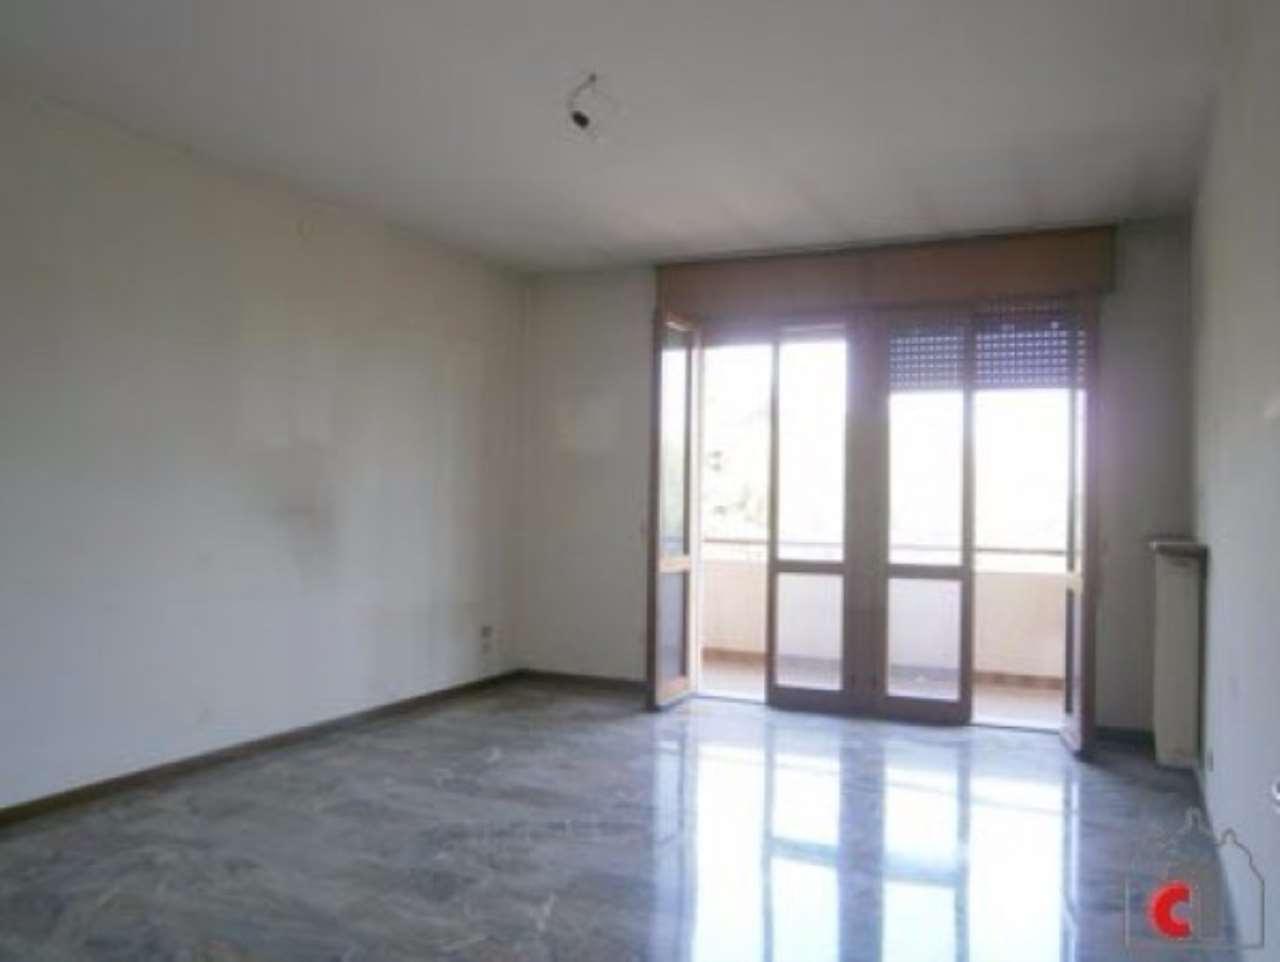 Appartamento in vendita a Padova, 6 locali, zona Zona: 6 . Ovest (Brentella-Valsugana), prezzo € 158.000 | CambioCasa.it